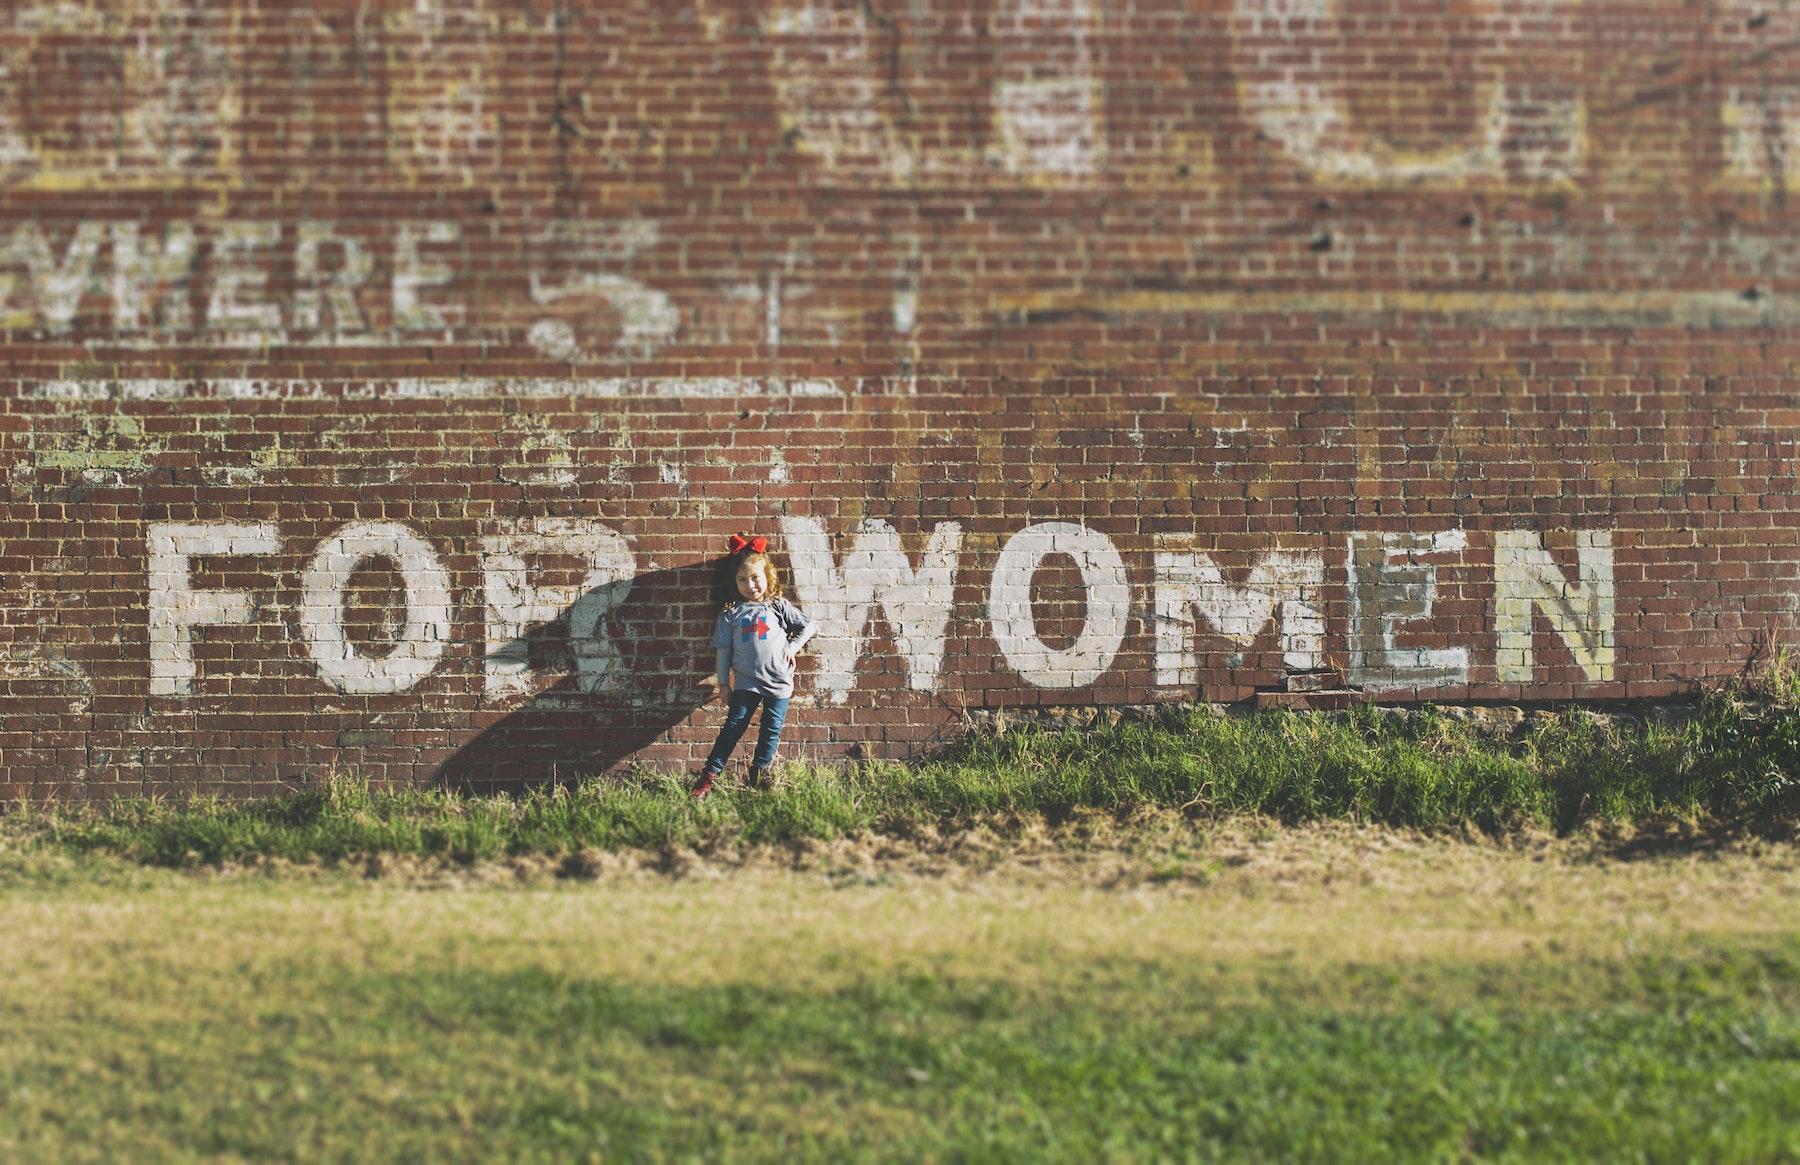 8 de marzo día de la mujer,dia de la mujer,dia internacional de la mujer, mujeres en la ciencia, mujeres importantes en la ciencia, herbolario online